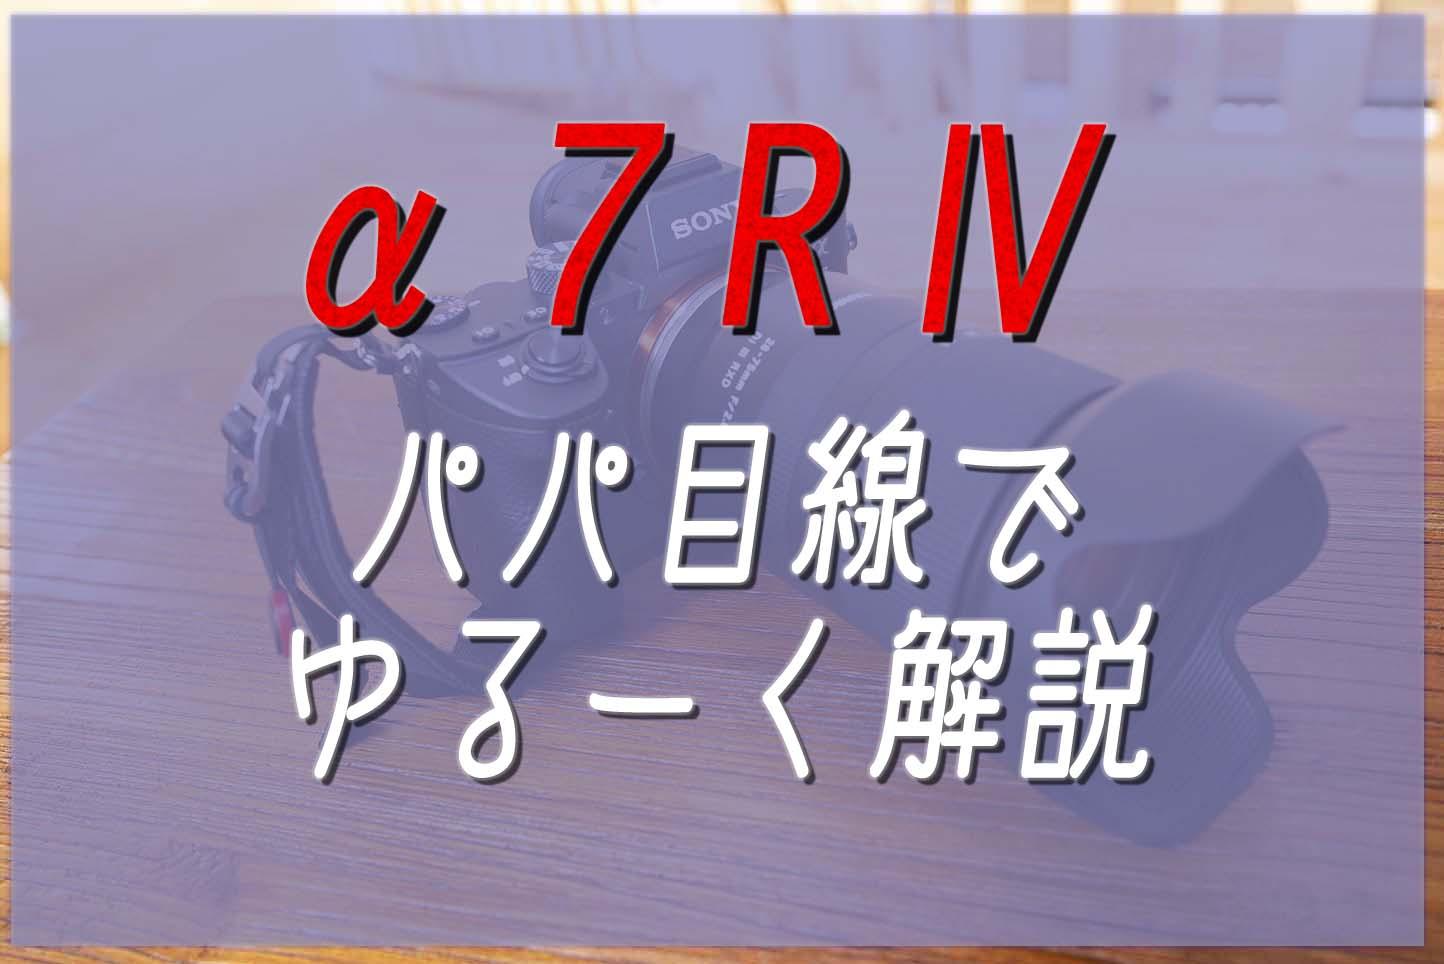 【速報】パパから見た「 α7R Ⅳ」!気になる価格やスペックは?